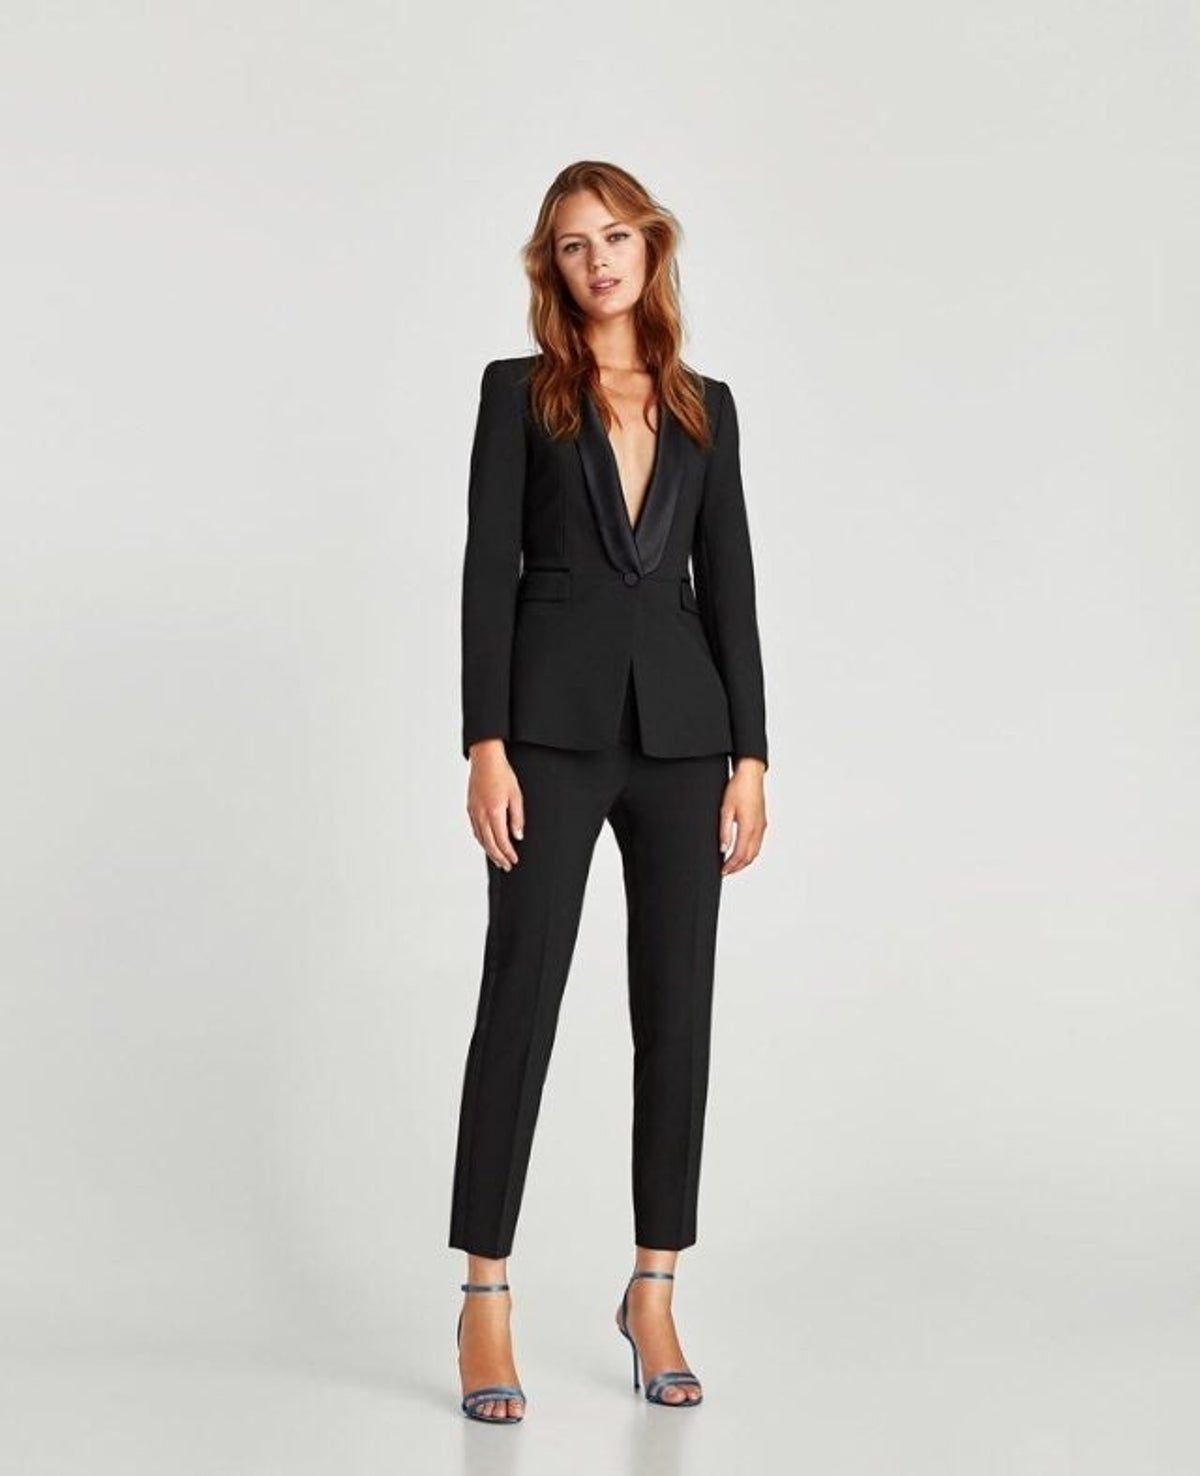 Kadinlarin Resmi Ve Sik Halinin En Guzzel Temsili Olan Bayan Takim Elbiseler Sizi Bambaska Biri Yapabilir Bayan Takim Elbise Modelleri Arasindan Dilediginizi S